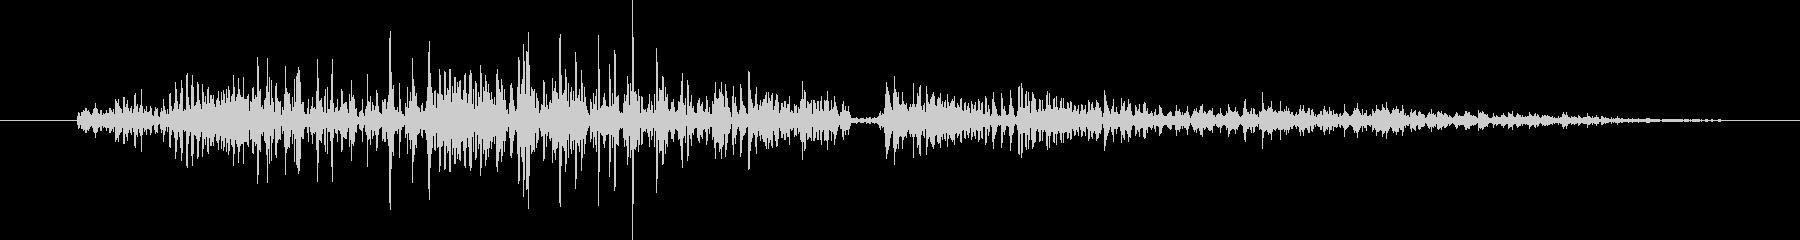 鳴き声 男性の呪い悪08の未再生の波形